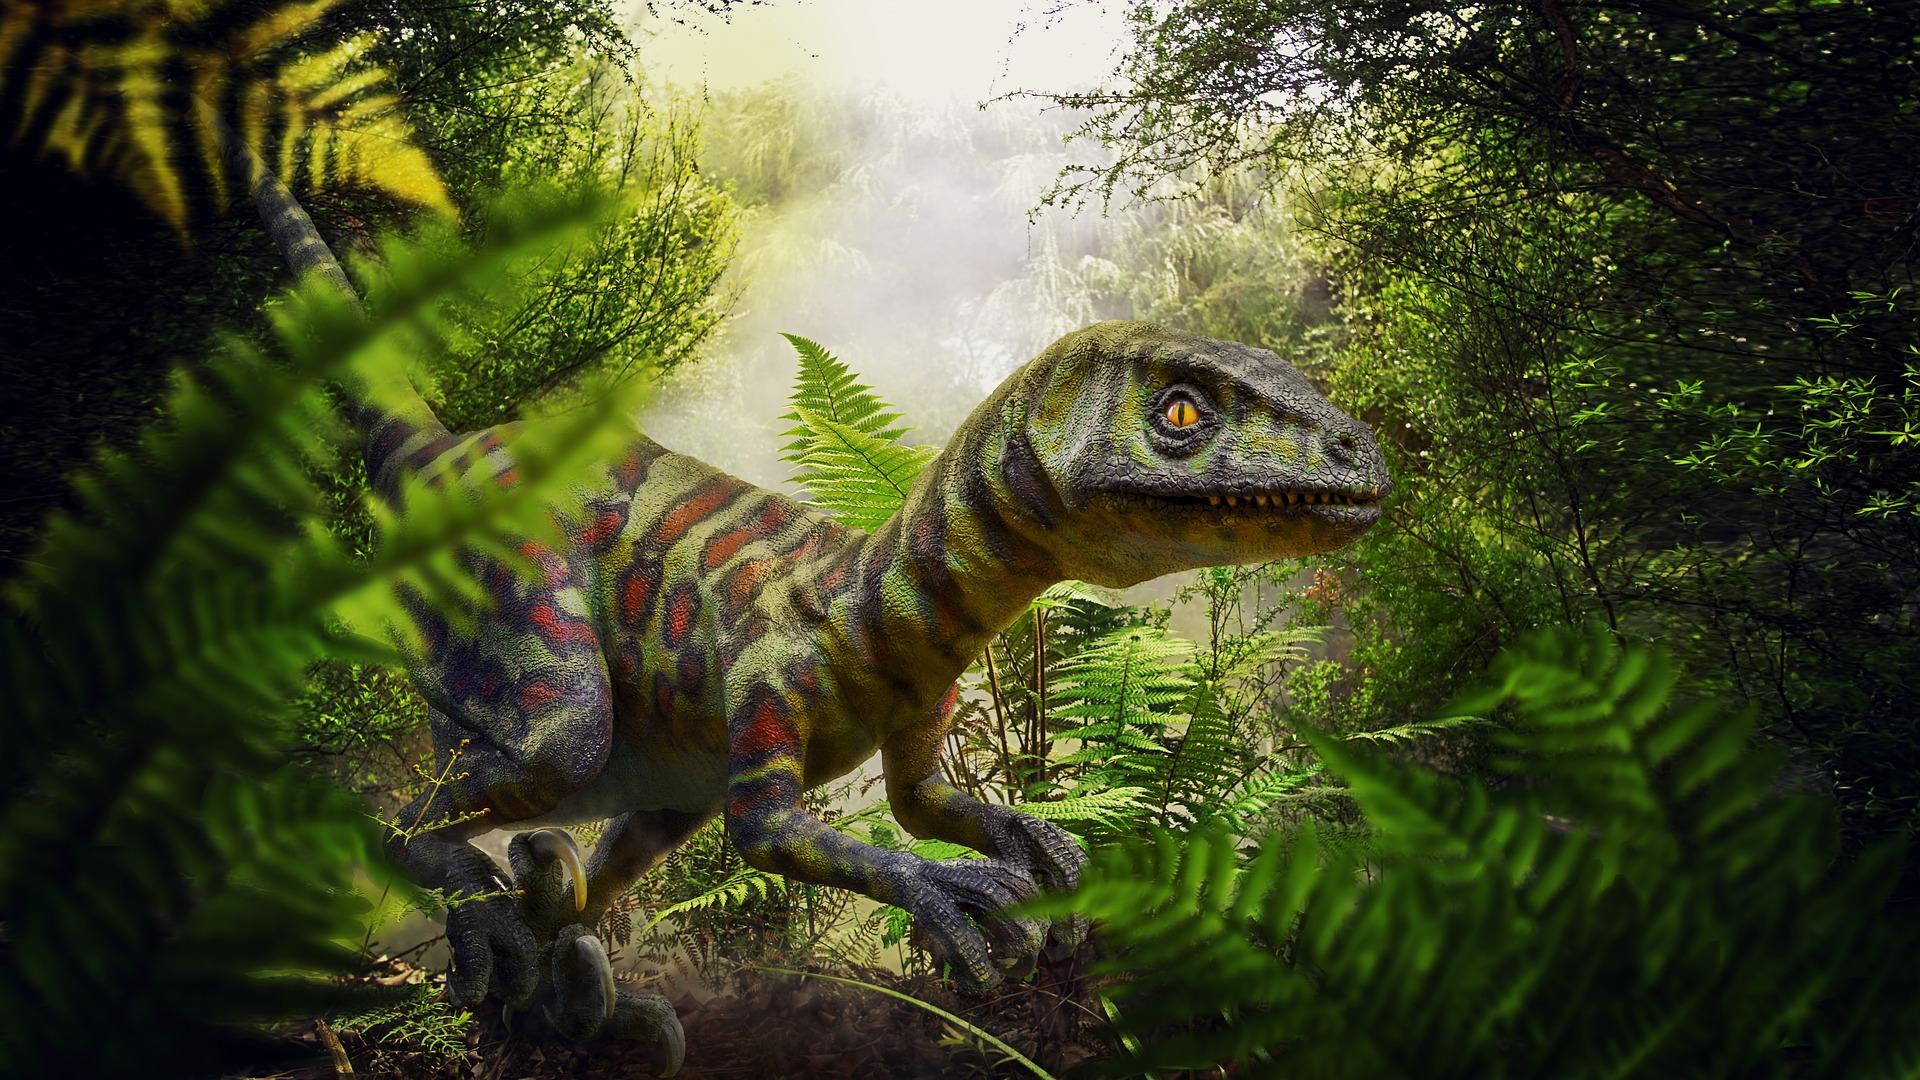 Asi Fue La Extincion De Los Dinosaurios Tras El Impacto De Un Meteorito Hubo más causas tras la extinción de los dinosaurios. telemadrid